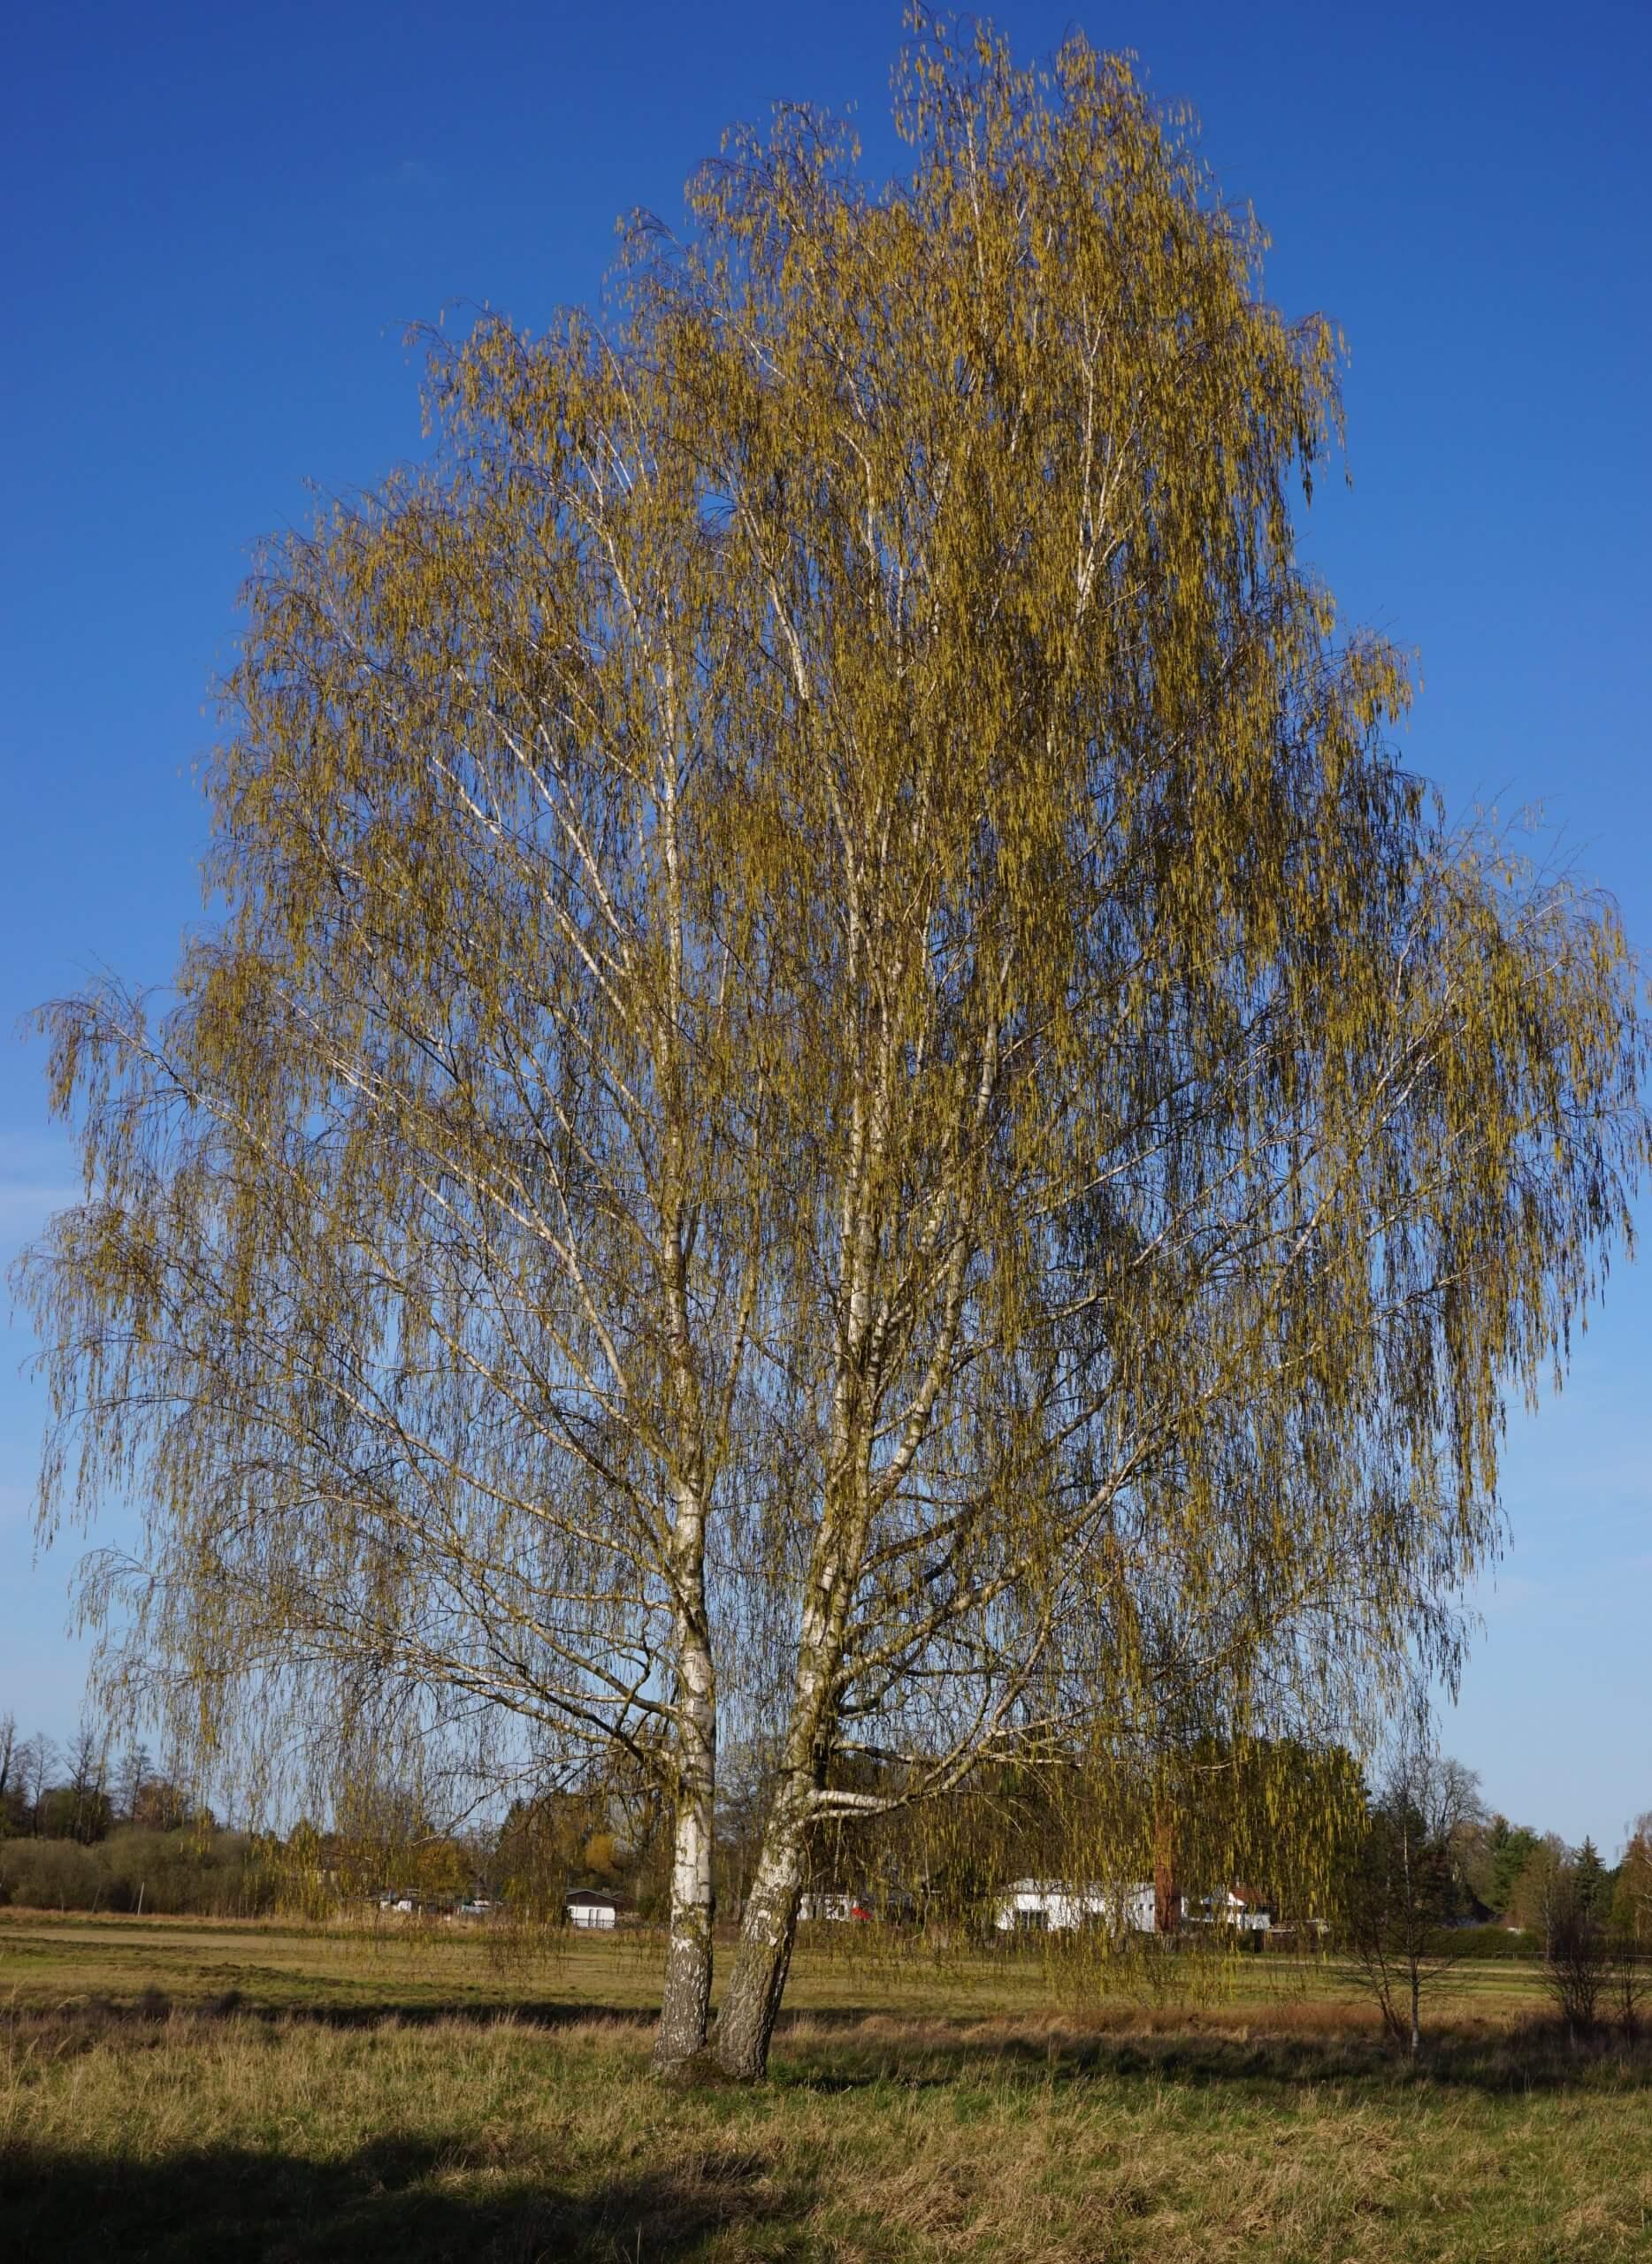 Das Bild zeigt zwei nah zueinander stehende Hänge-Birken in halbseitig voller Kronen-Entfaltung. Hier in den Spreewiesen bei Müggelheim.